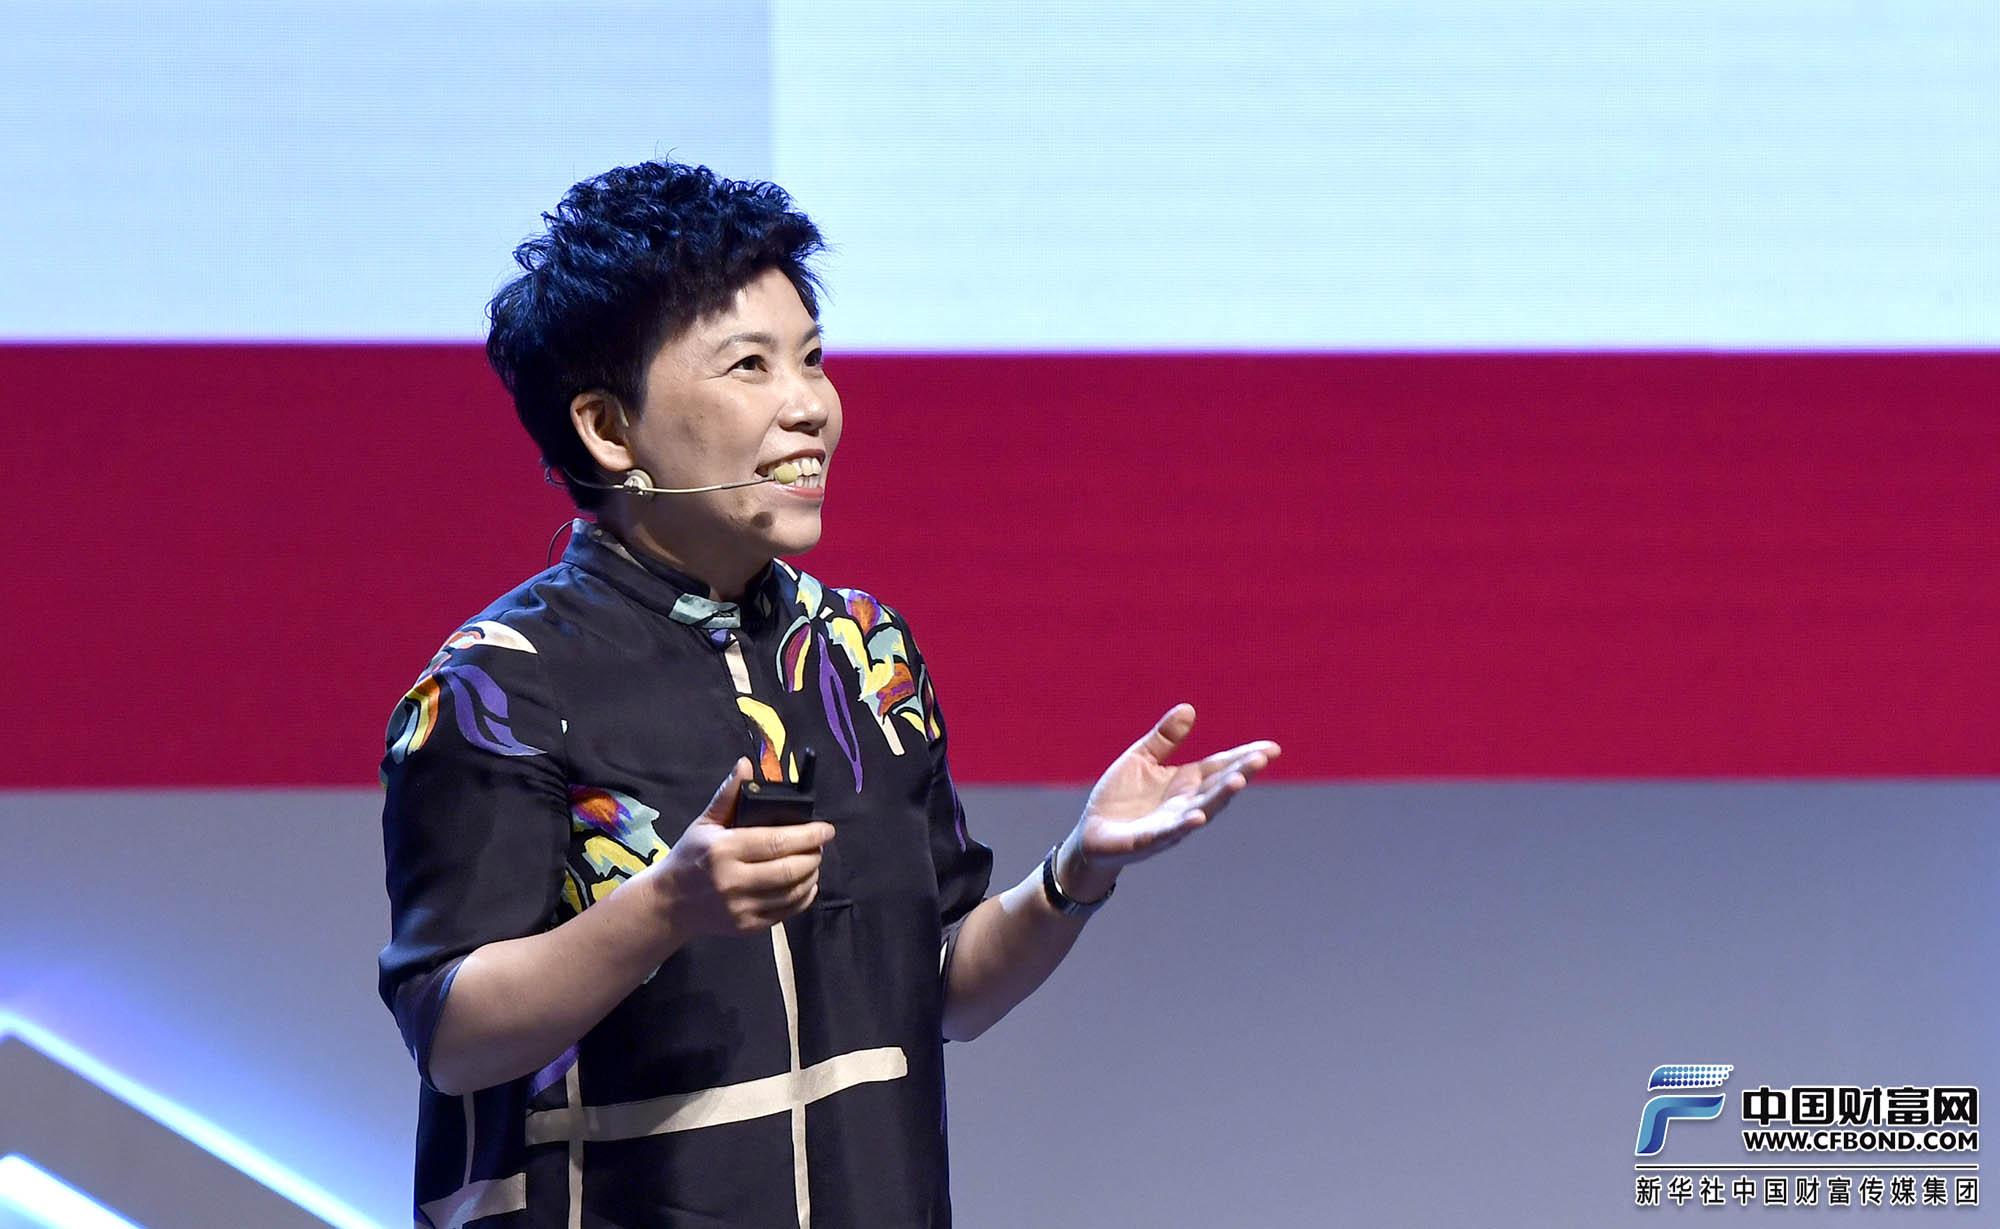 演讲嘉宾:邓亚萍体育产业投资基金发起人邓亚萍